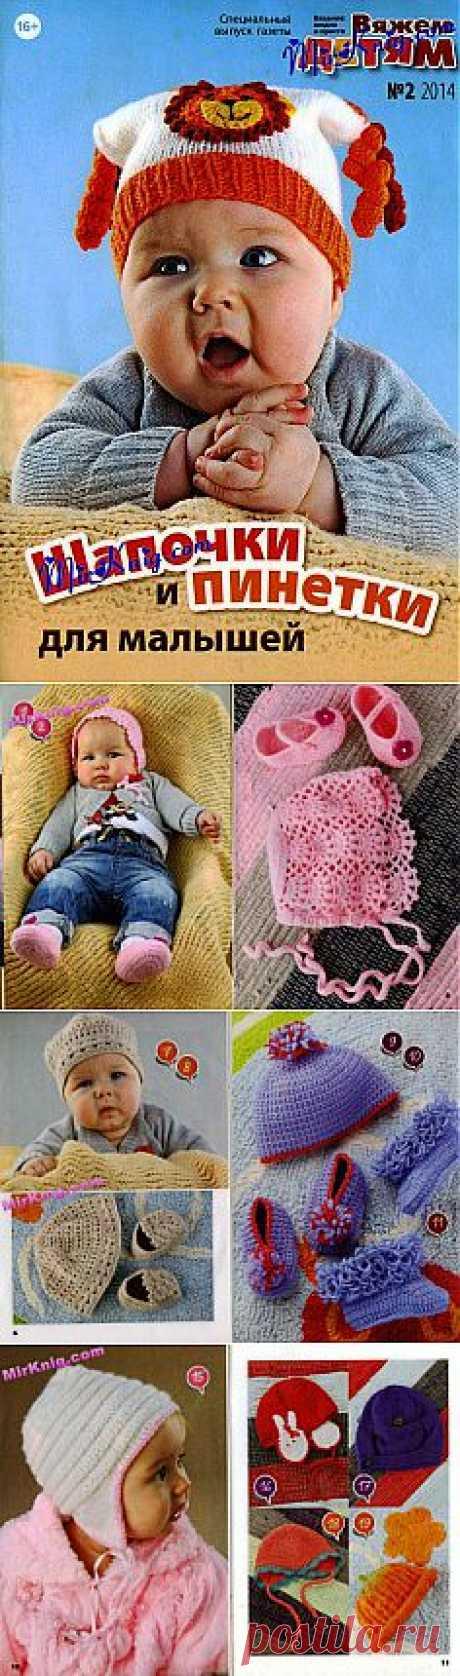 Вязание: Модно и просто. Вяжем детям. Спецвыпуск №2 2014. Шапочки и пинетки для малышей.